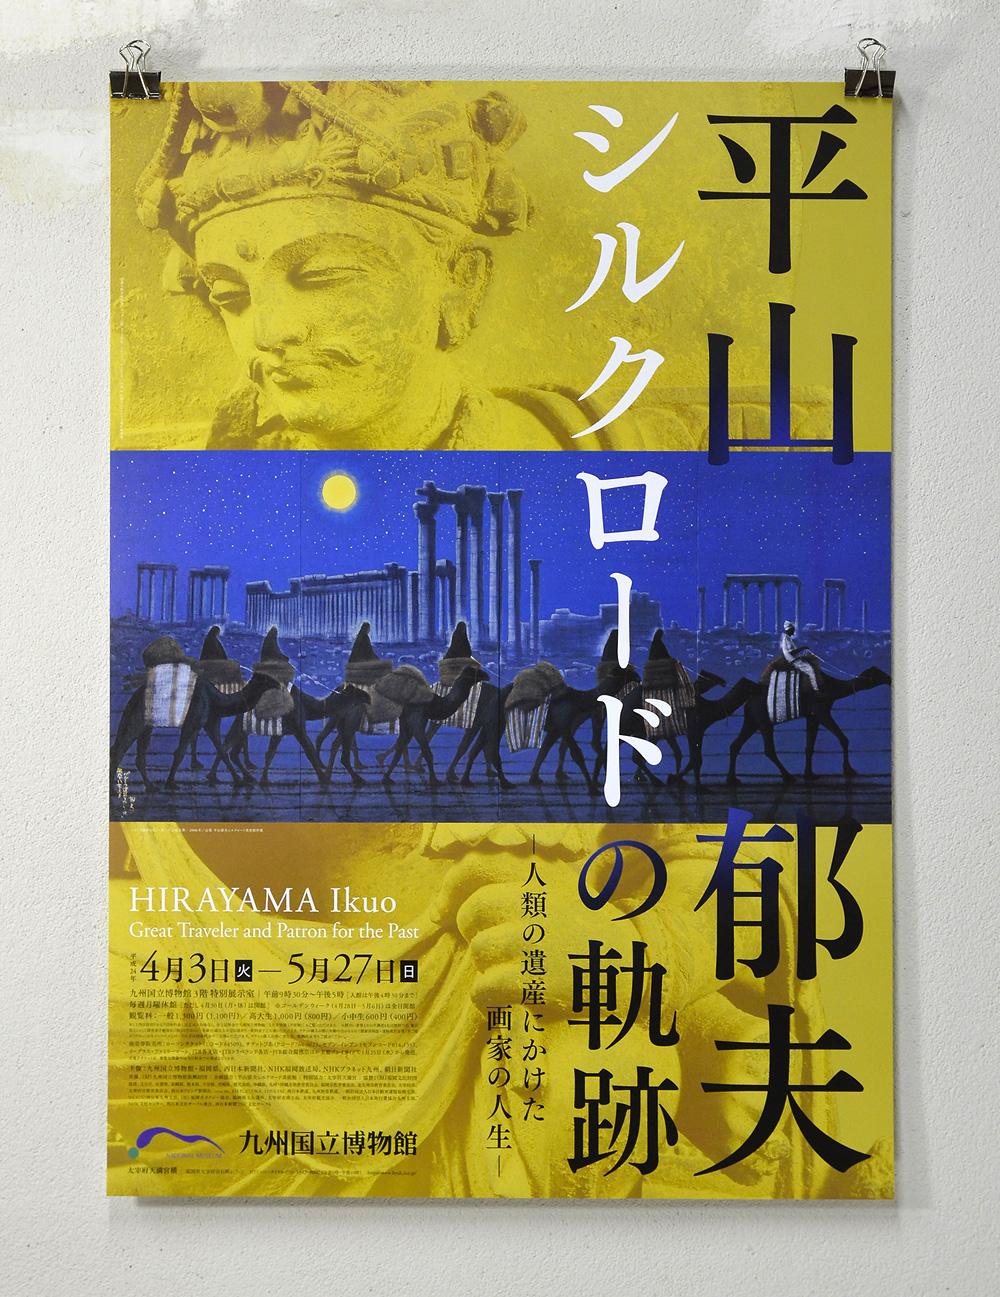 特別展 平山郁夫 シルクロードの軌跡 特別展 平山郁夫 シルクロードの軌跡 九州国立博物館 ポス